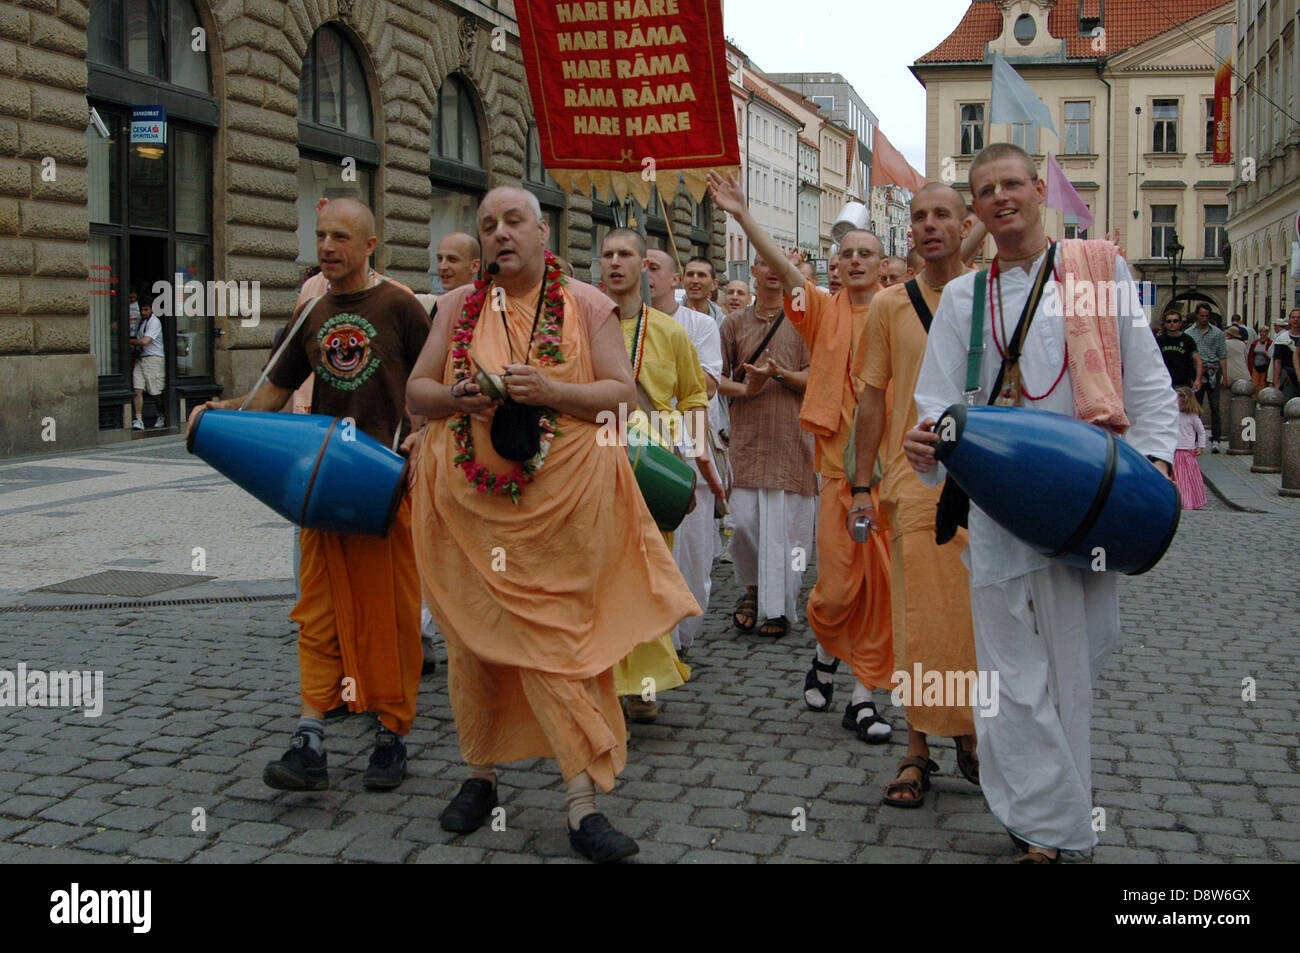 Calle de cantar el Hare Krishna por Harinamas en Praga República Checa Foto de stock